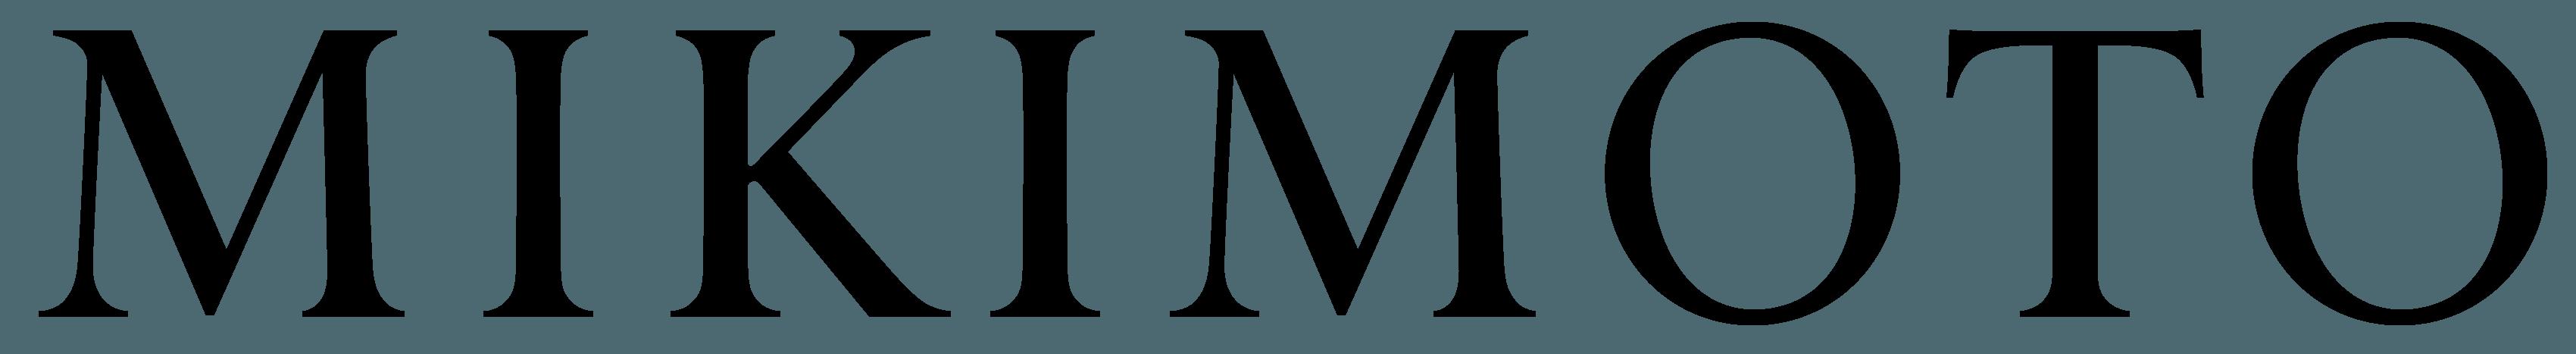 Mikimoto Logo.